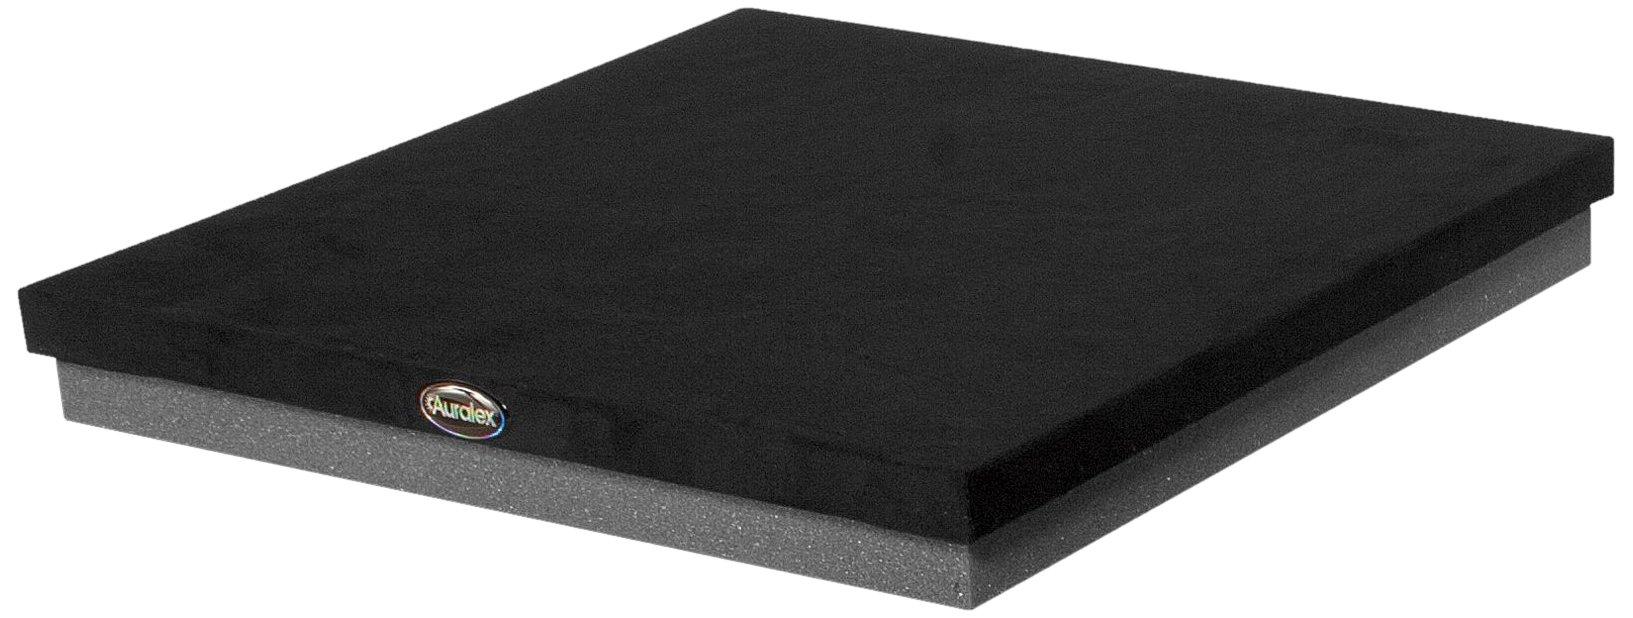 Auralex Acoustics SubDude v2 SubDude-II Subwoofer Acoustic Isolation Platform, 1.75'' x 15'' x 15'' by Auralex Acoustics